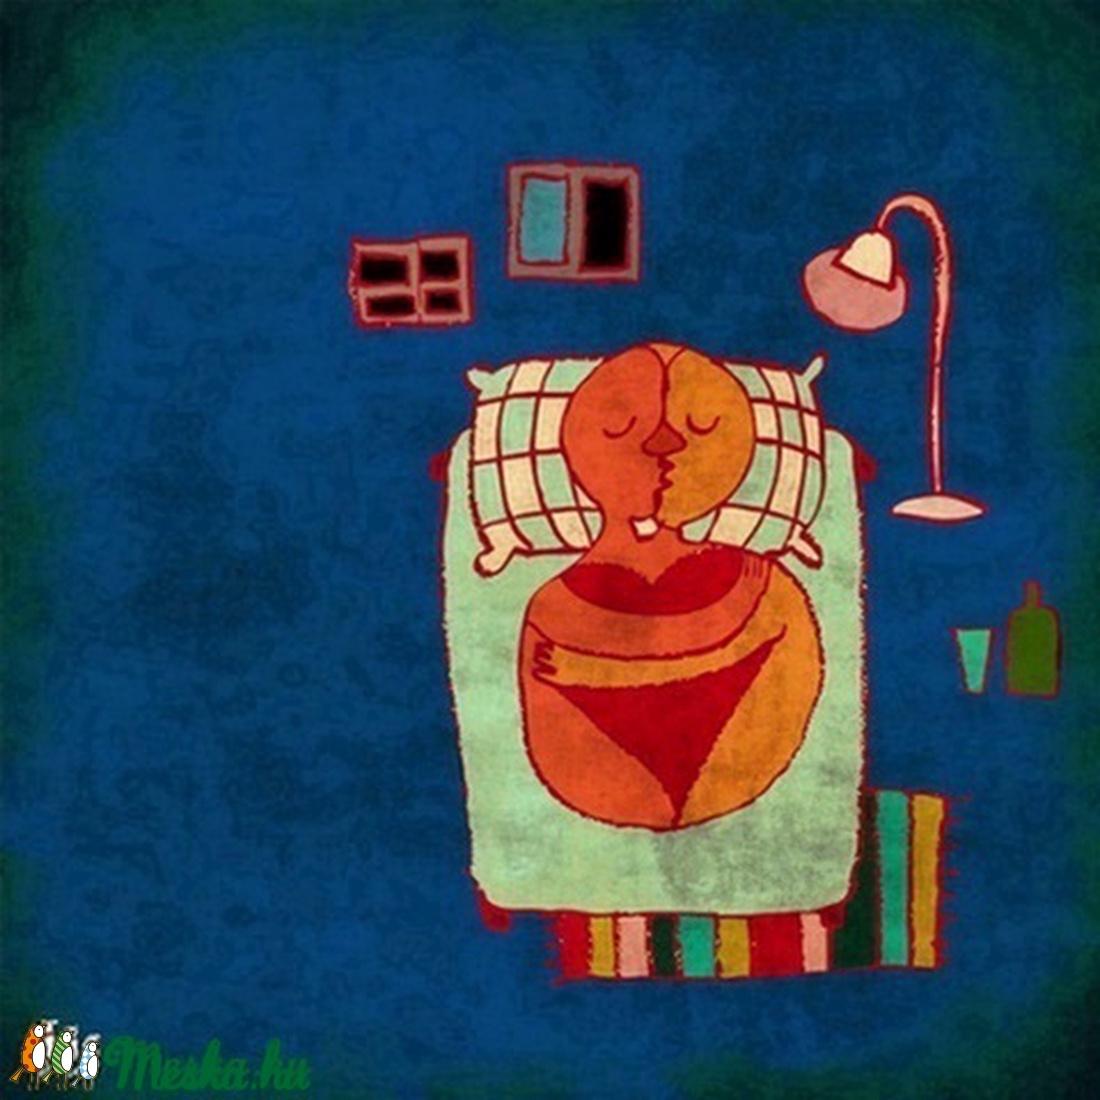 Szerelmeskedés - illusztráció, kép a hálószobába (schalleszter) - Meska.hu